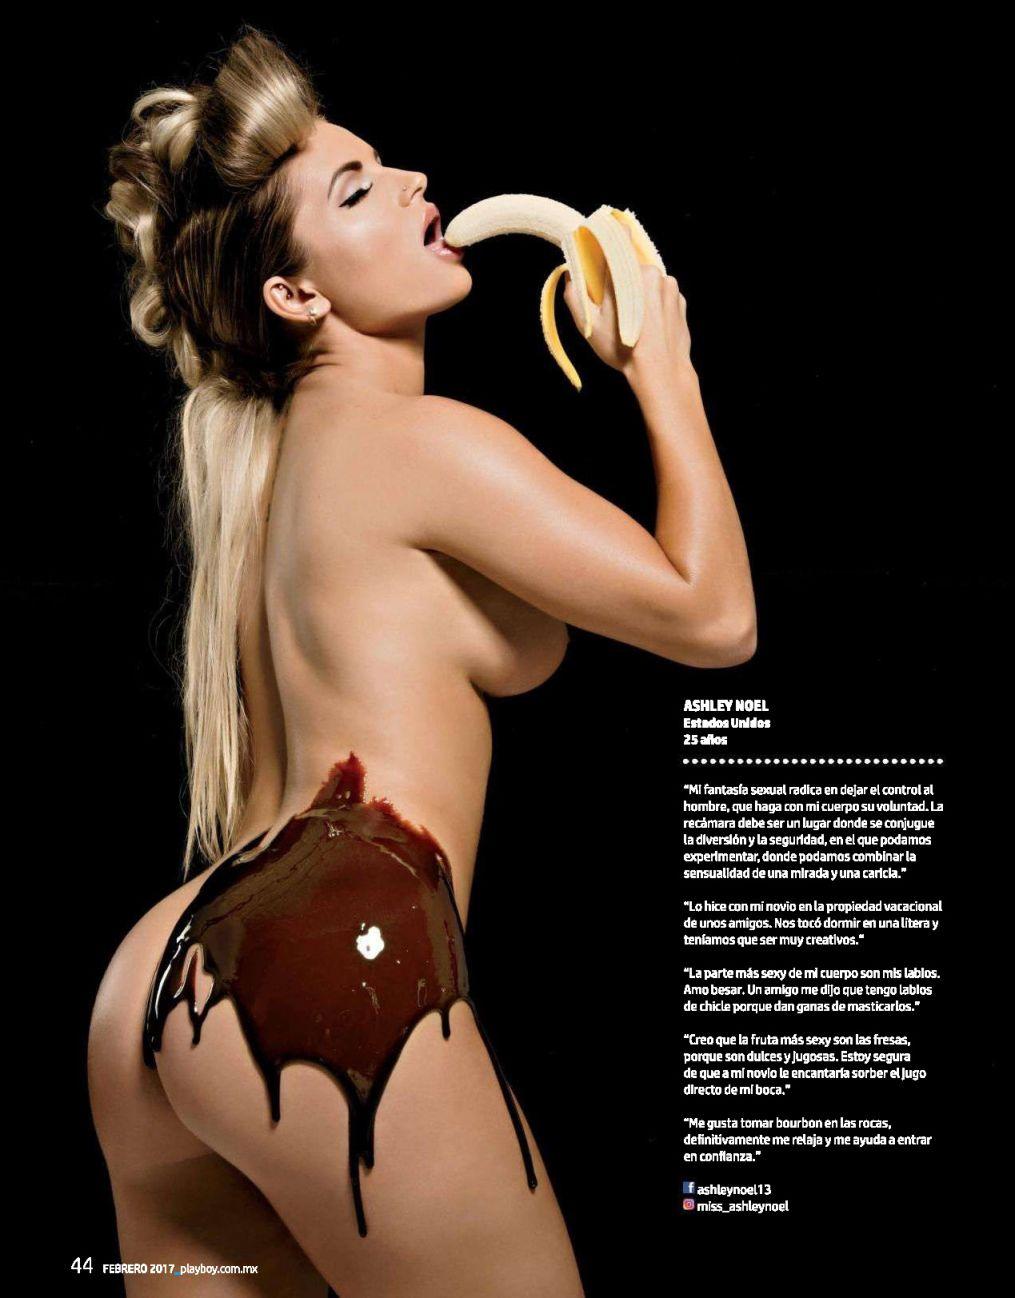 Ashley Noel Stefanie Knight Amy Lee Summers Y Khloë Terae Desnudas